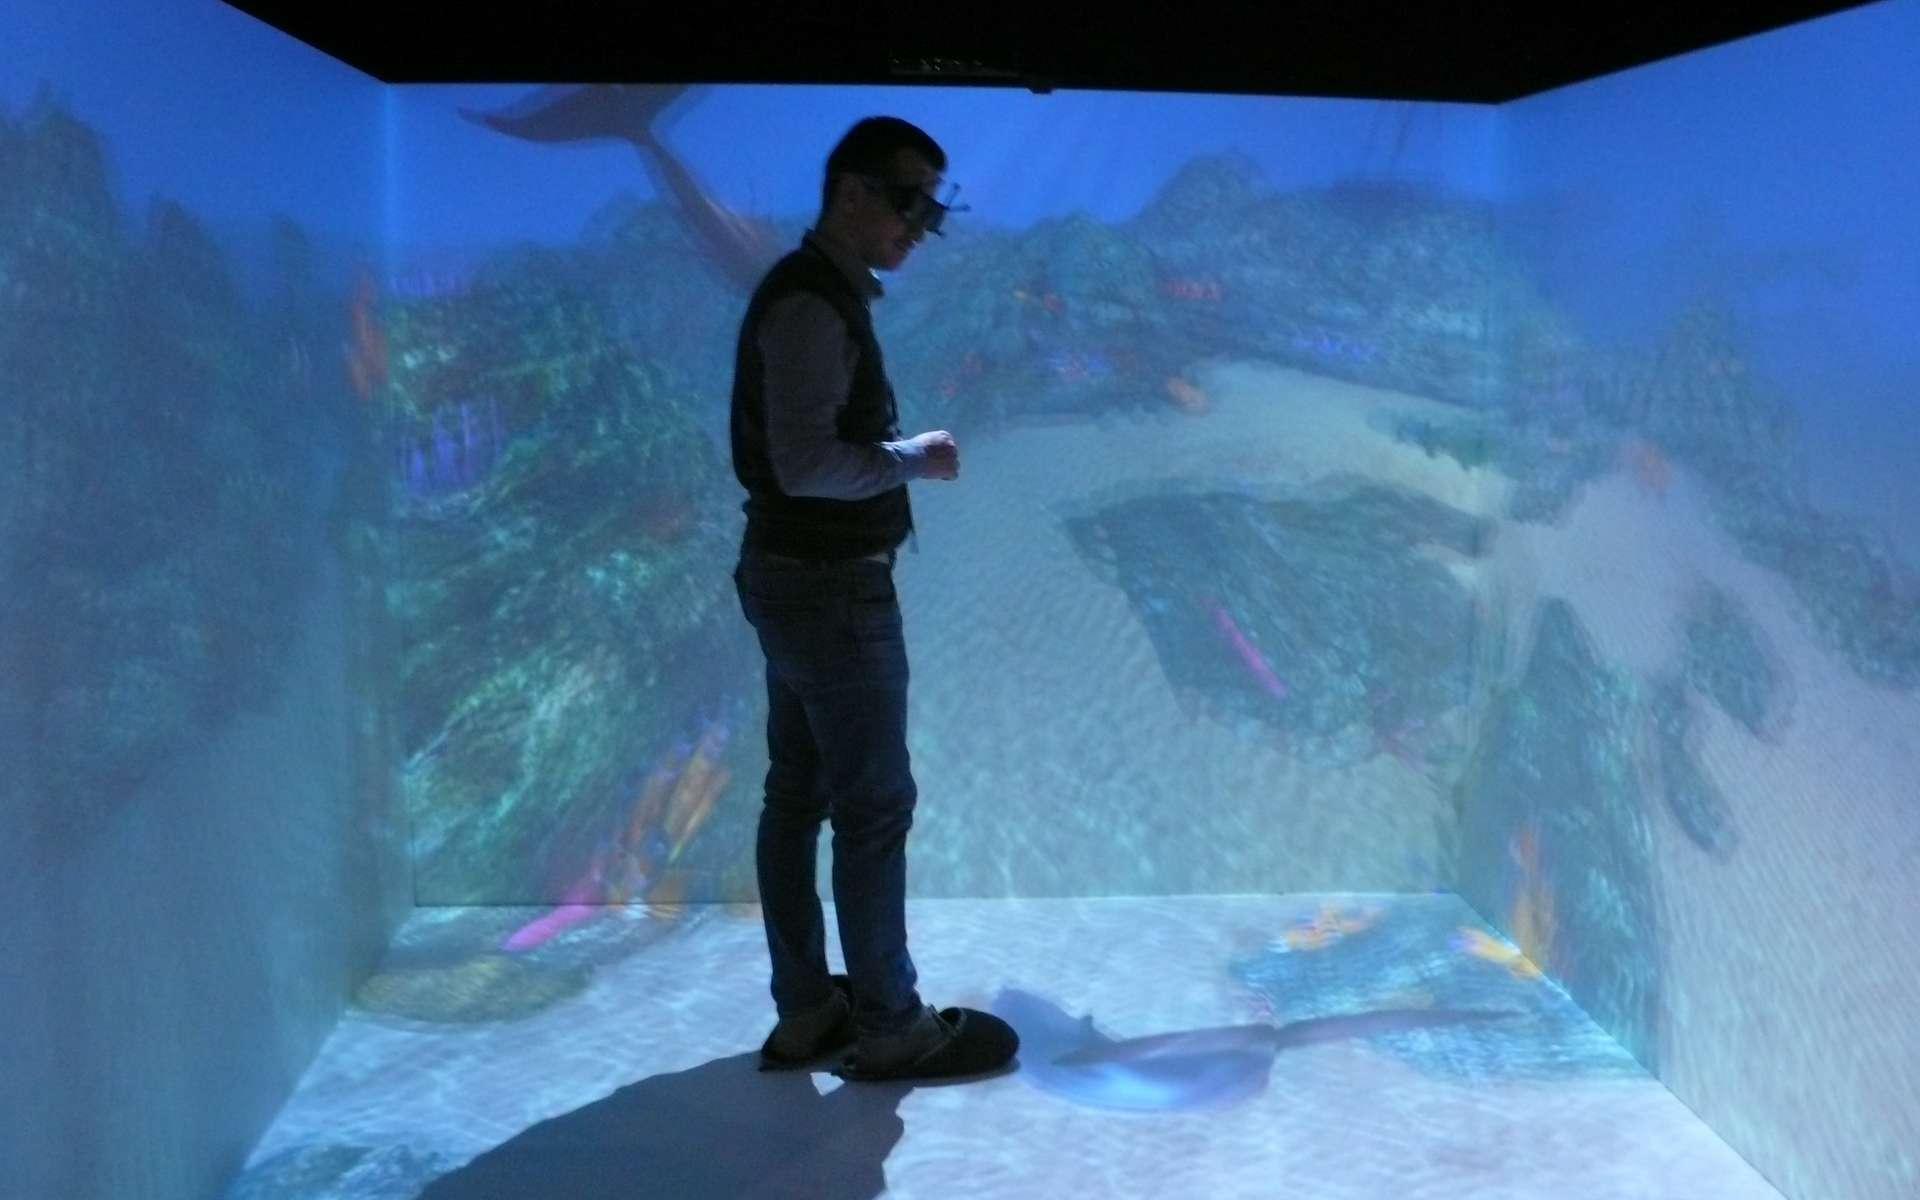 Une salle immersive, ou Cave (Cave Automatic Virtual Environment, ici un modèle présenté par Eon Reality). Le monde virtuel devient presque réel... © Futura-Sciences, Jean-Luc Goudet